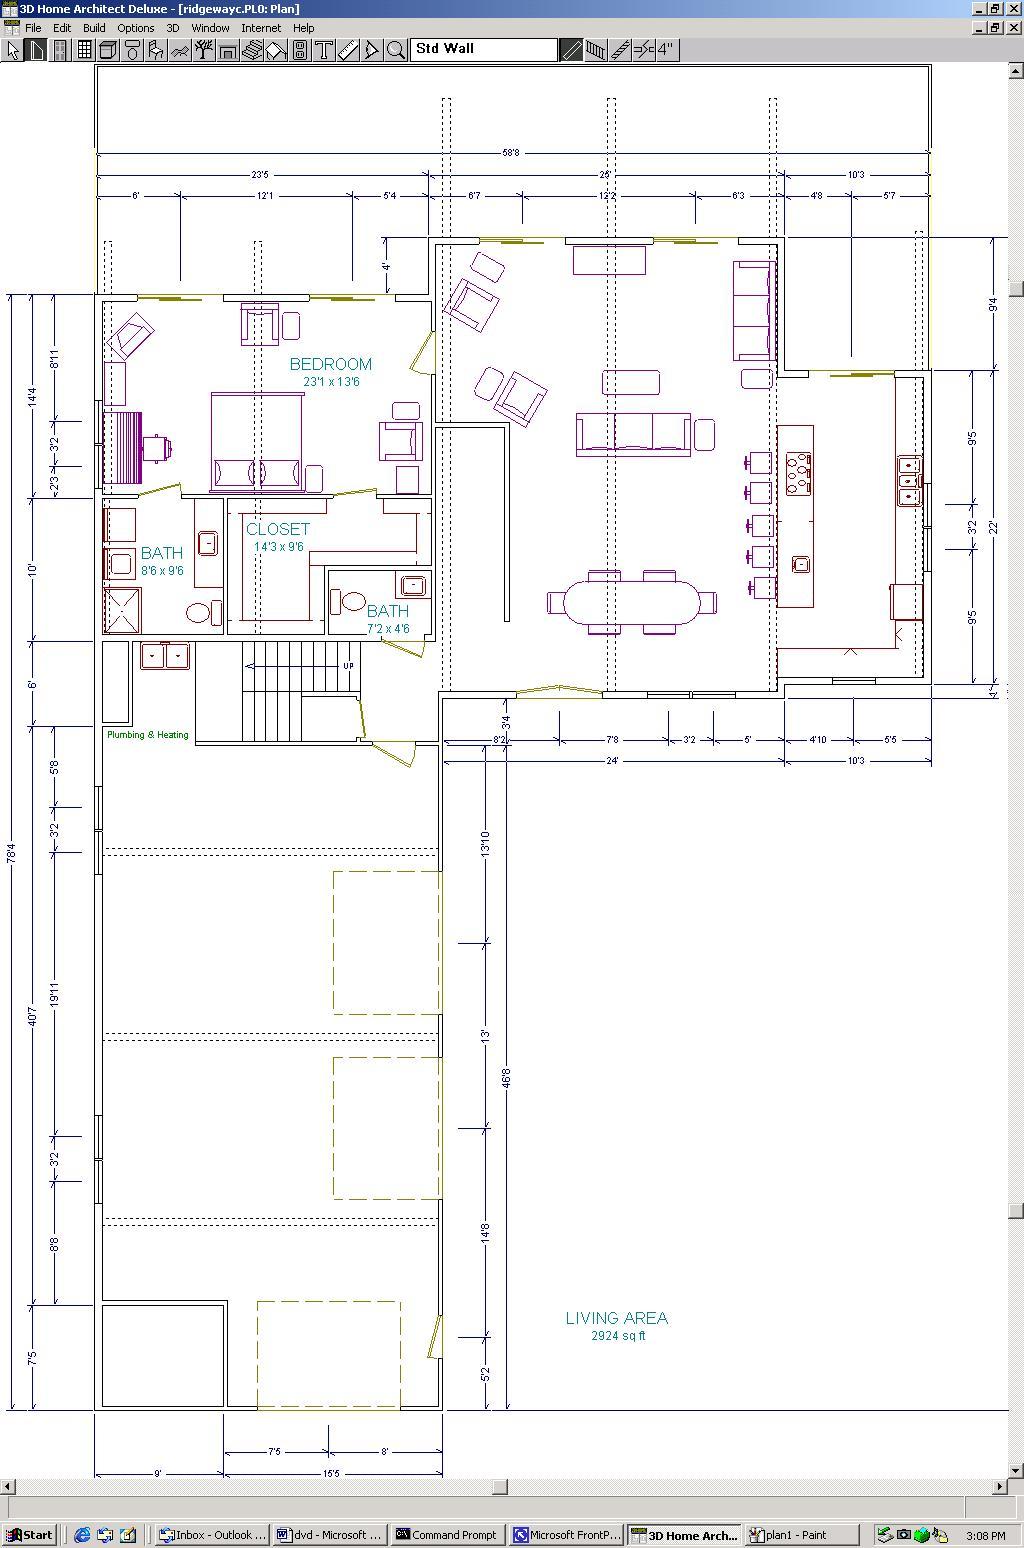 100 broderbund 3d home architect for free 3d home for Broderbund 3d home landscape design